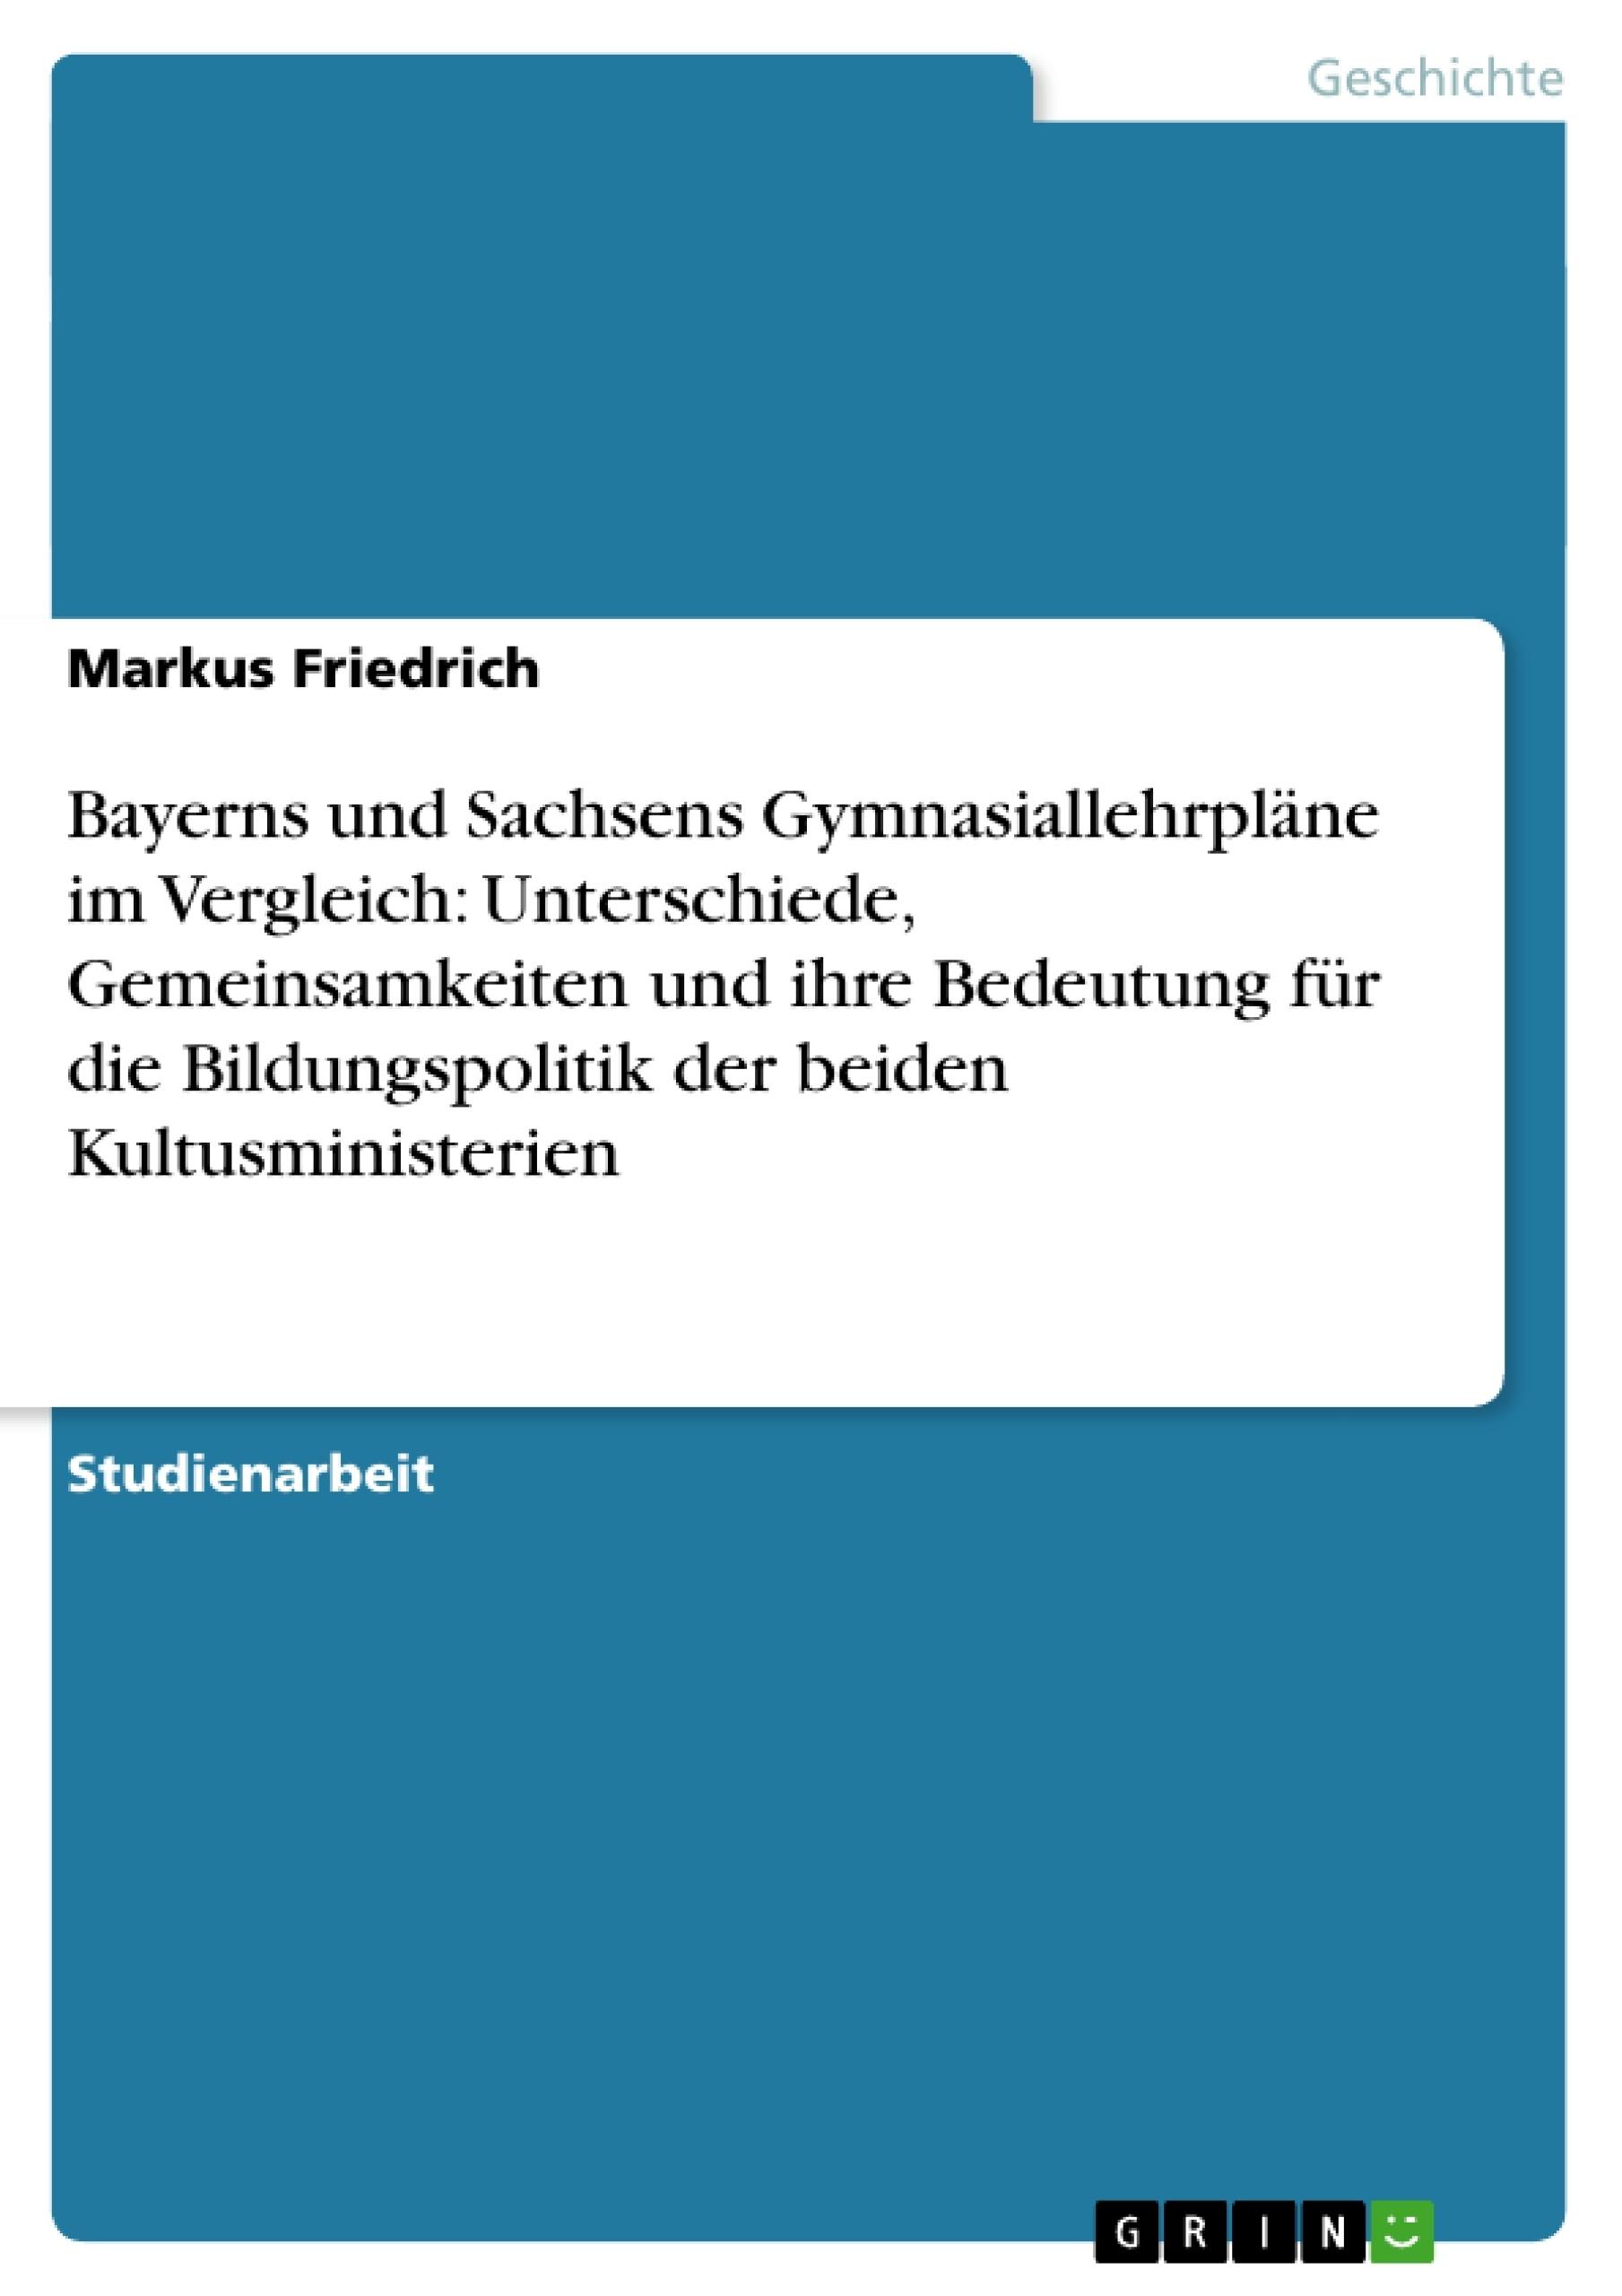 Titel: Bayerns und Sachsens Gymnasiallehrpläne im Vergleich: Unterschiede, Gemeinsamkeiten und ihre Bedeutung für die Bildungspolitik der beiden Kultusministerien